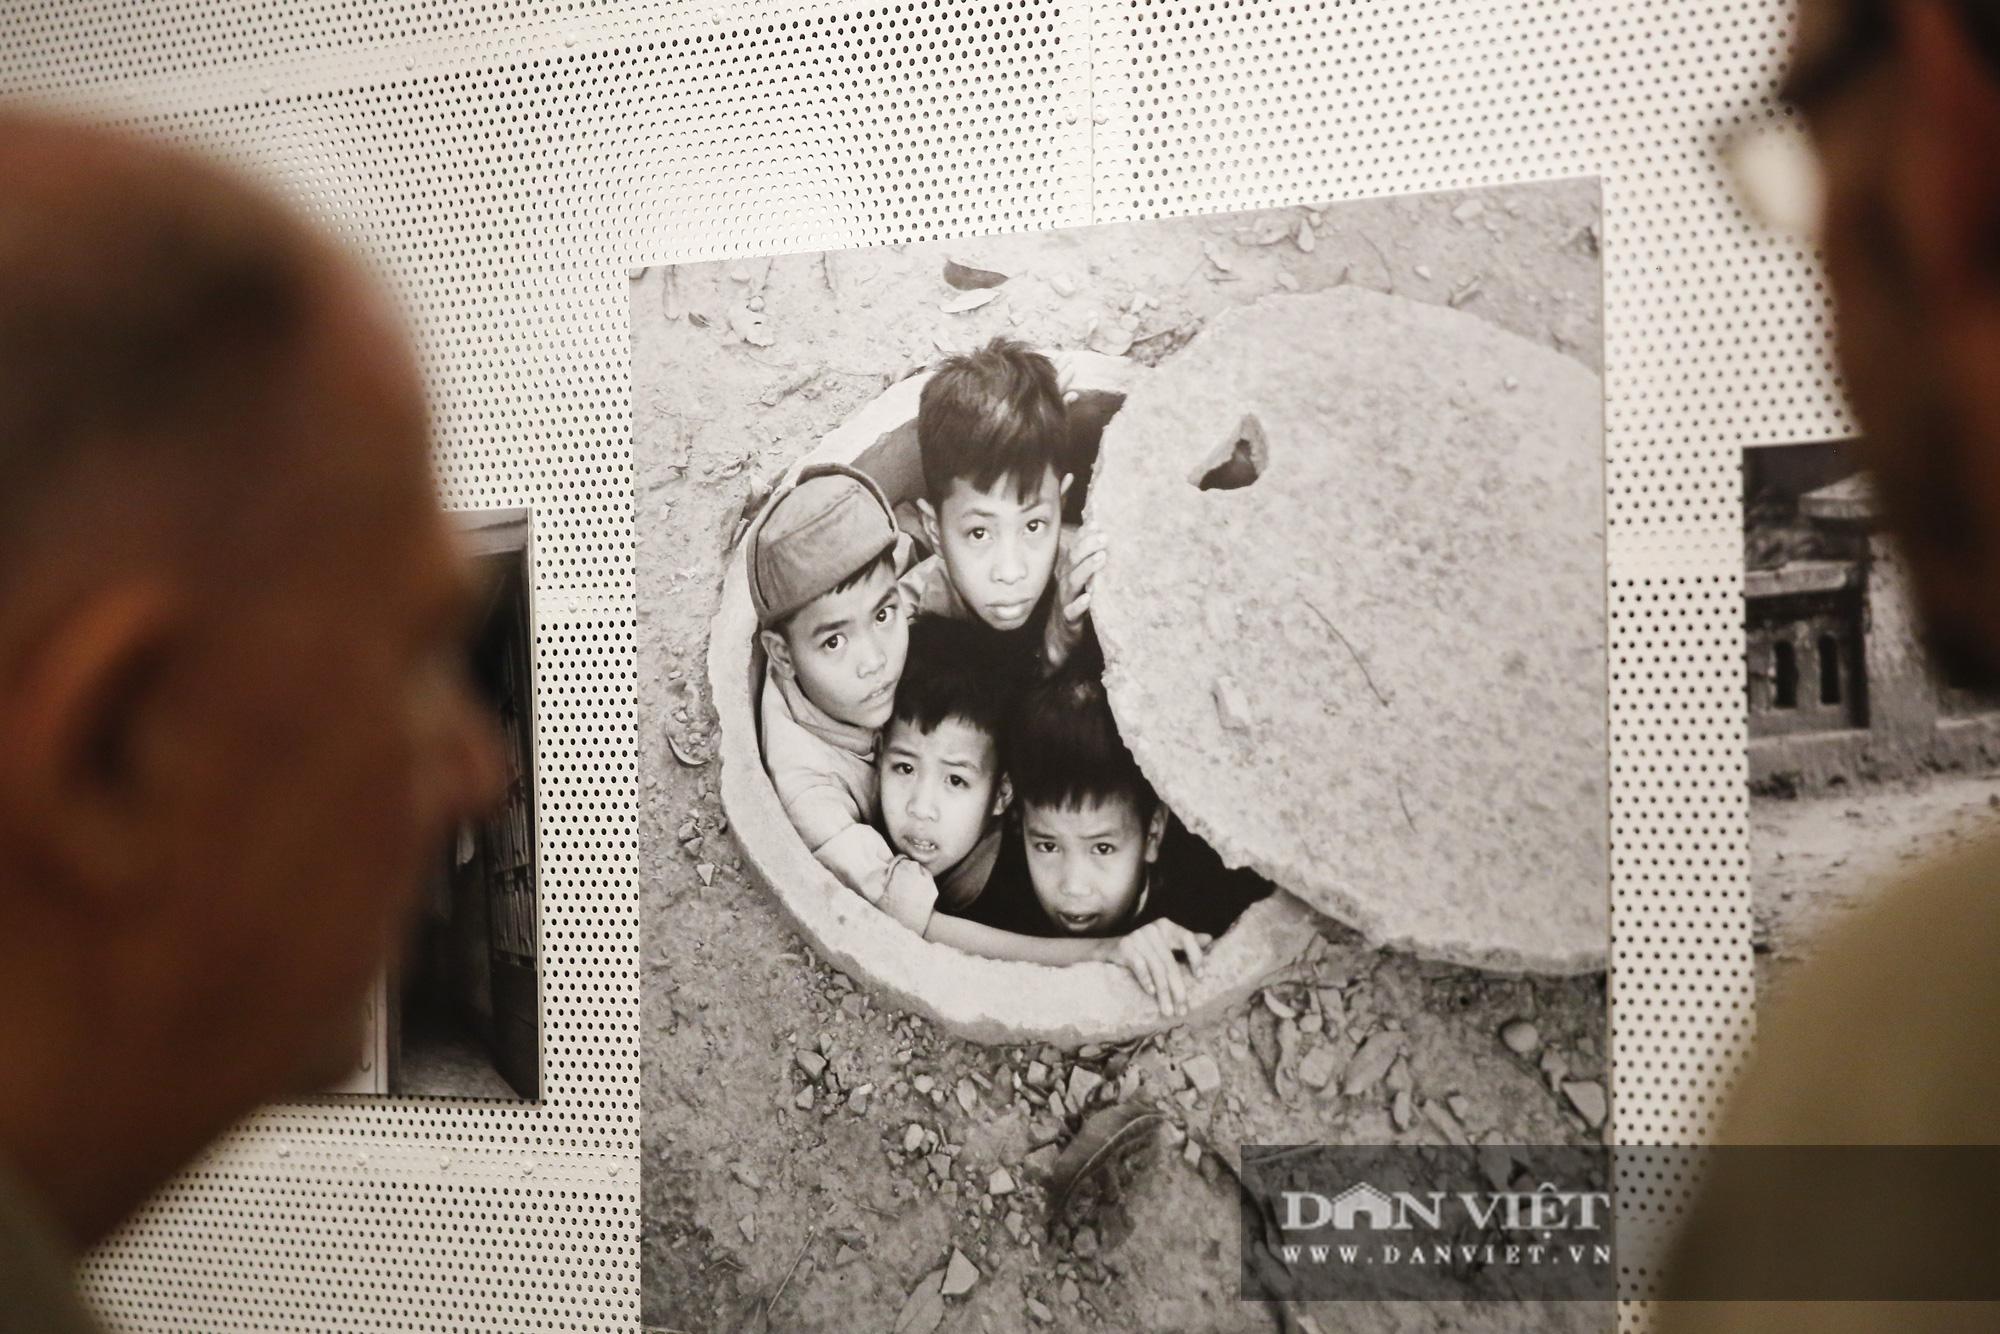 Đại sứ Đức tại Việt Nam tham dự triển lãm ảnh đặc biệt về Hà Nội - Ảnh 4.